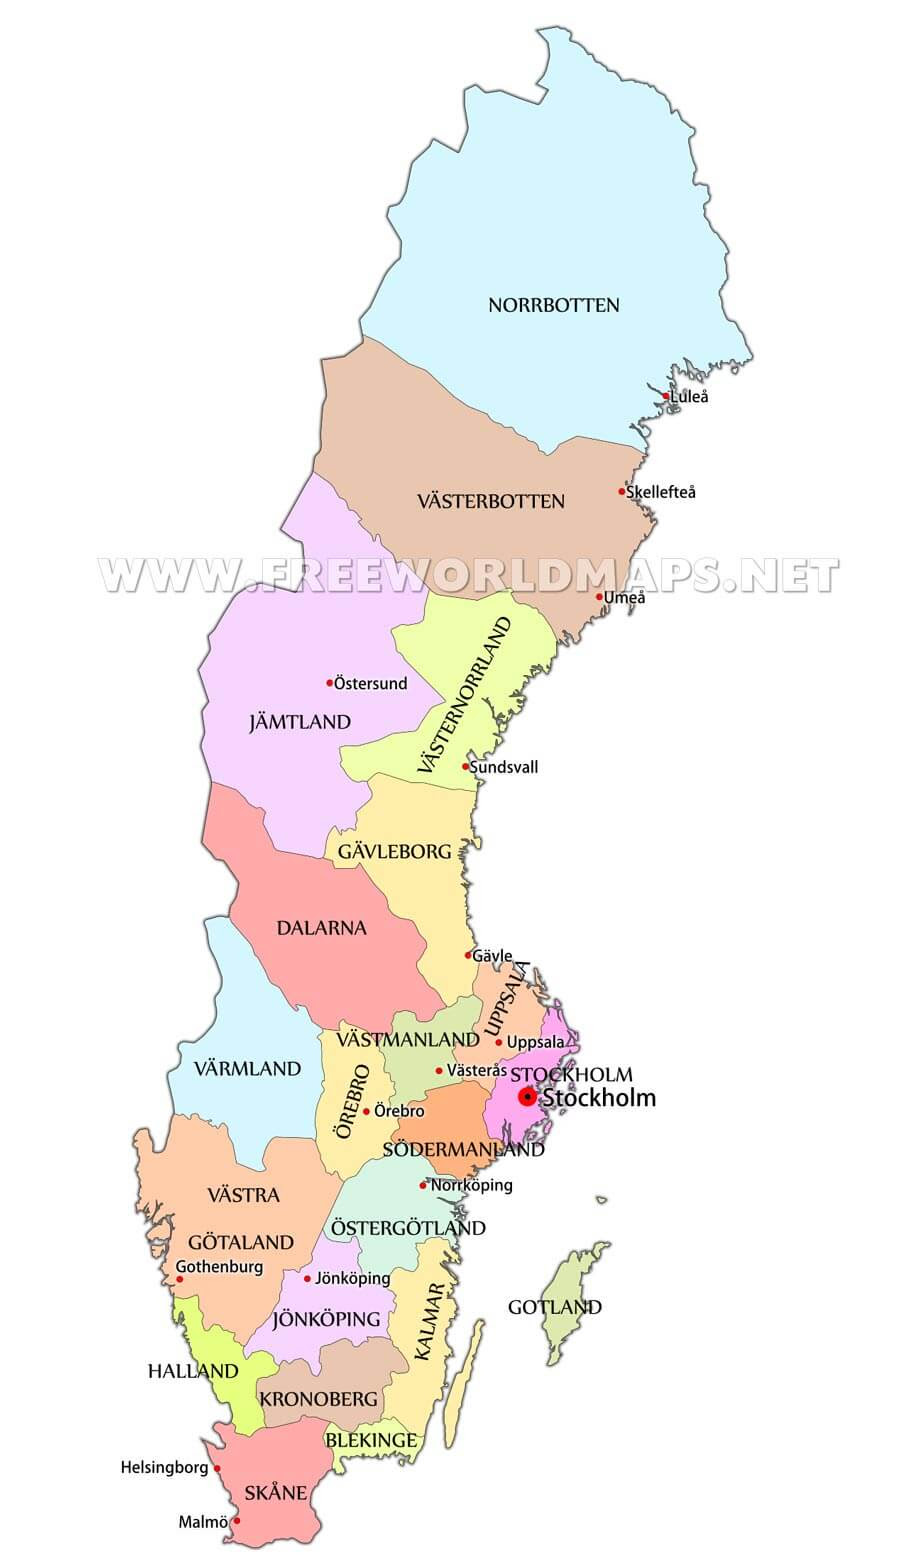 Sweden Maps By Freeworldmaps Net